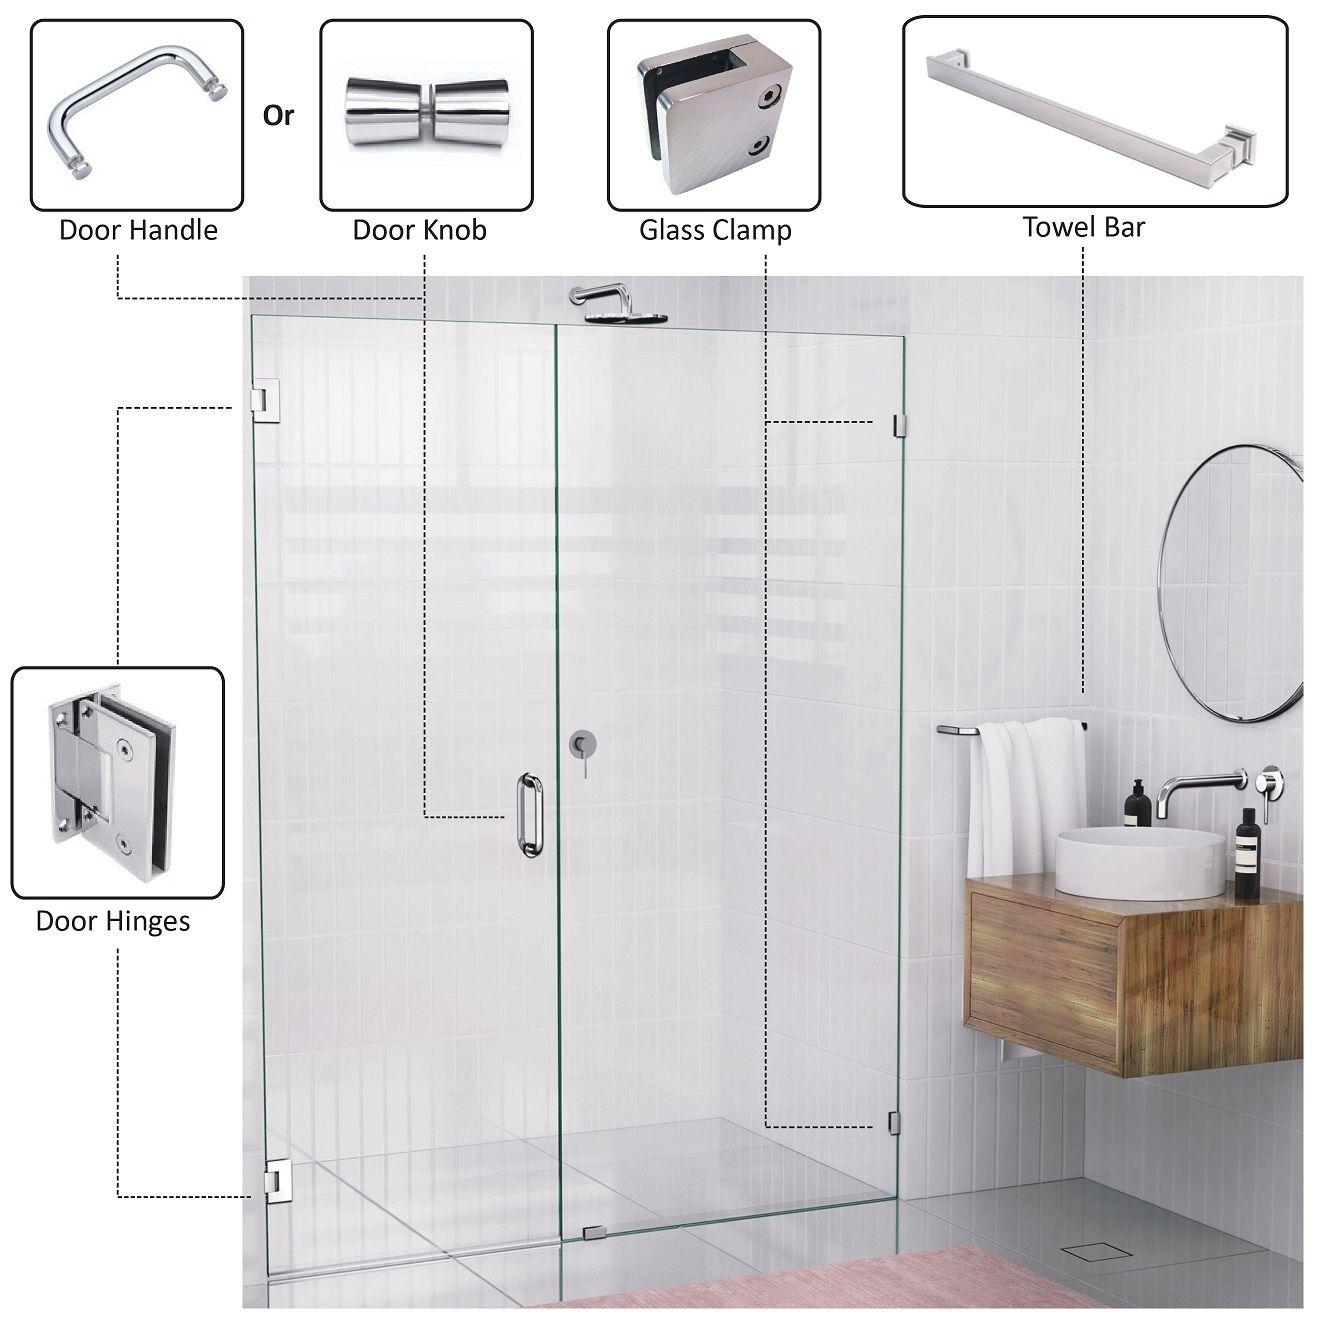 Glass Shower Door - Glass shower door